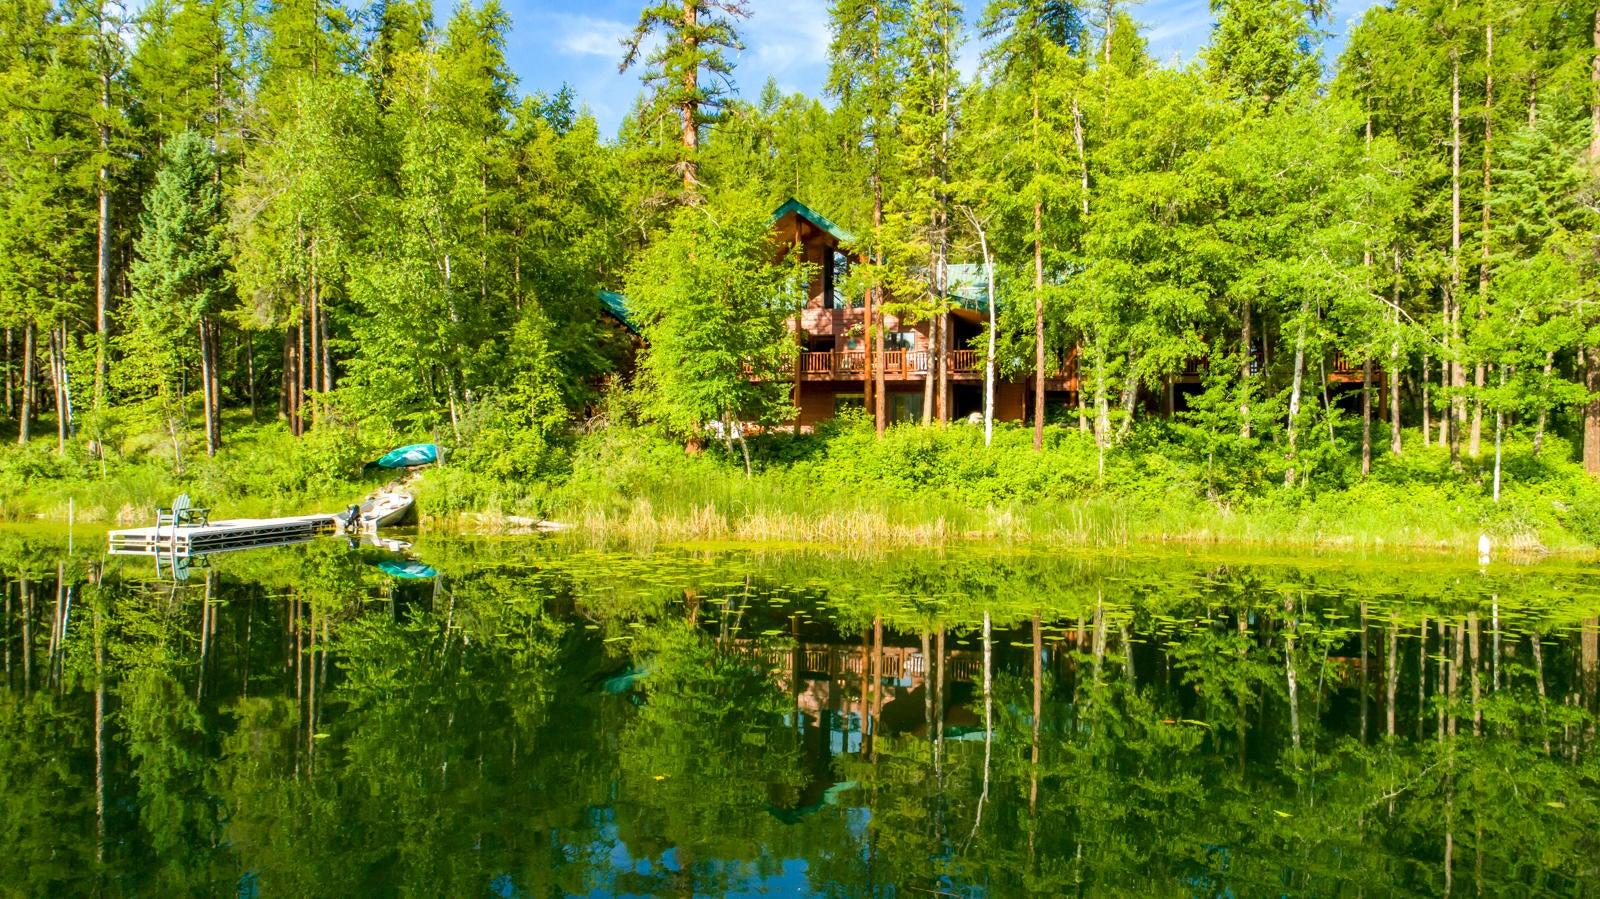 675/638 Leksand Trail, Whitefish, MT 59937